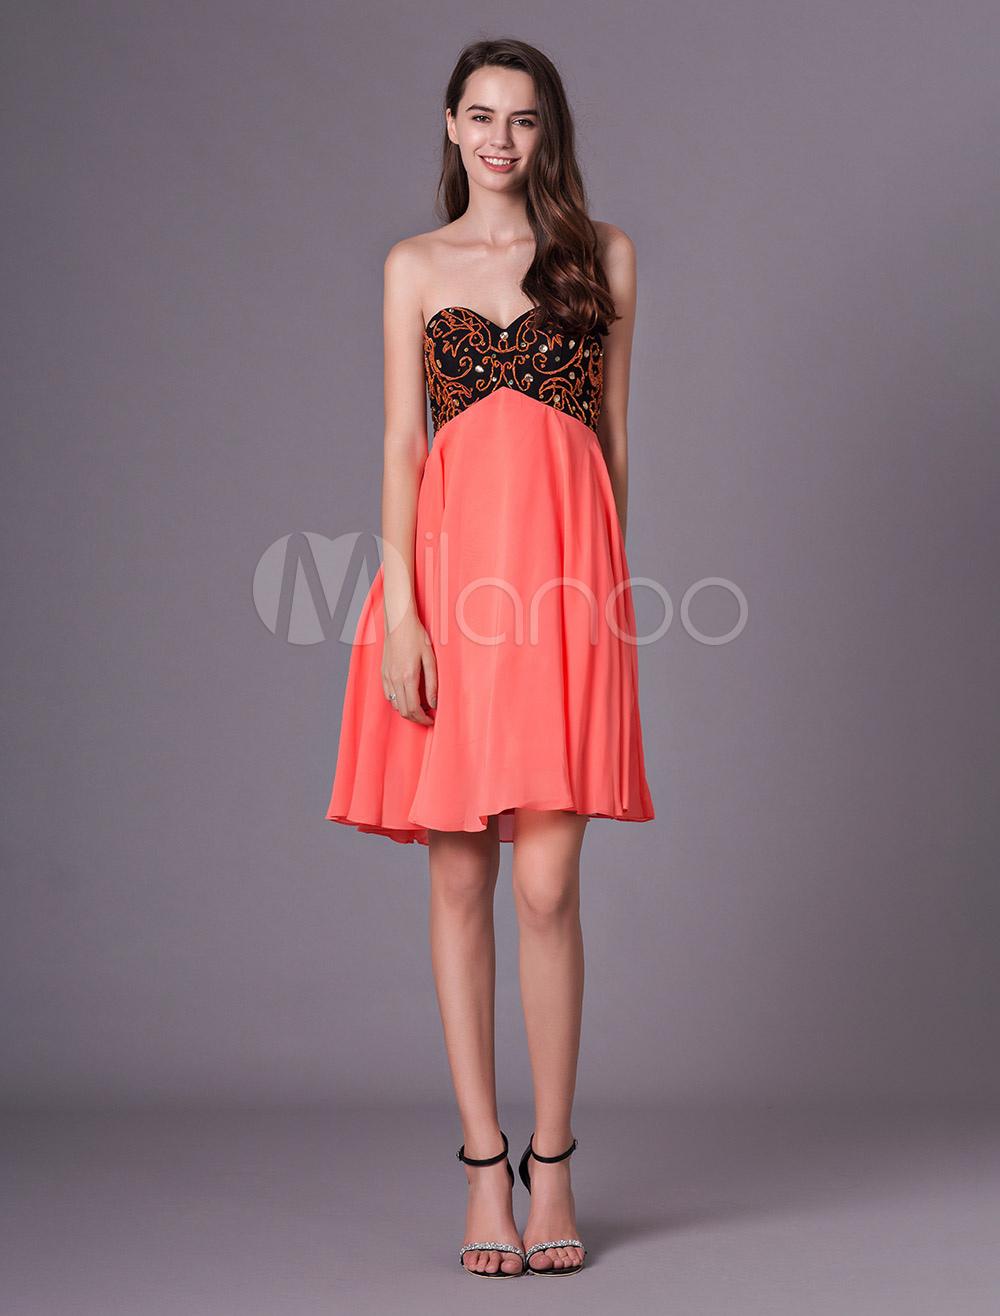 b302d2e2c ... Vestidos de fiesta de cóctel Naranja rojo corto sin tirantes con  cuentas vestido de fiesta- ...